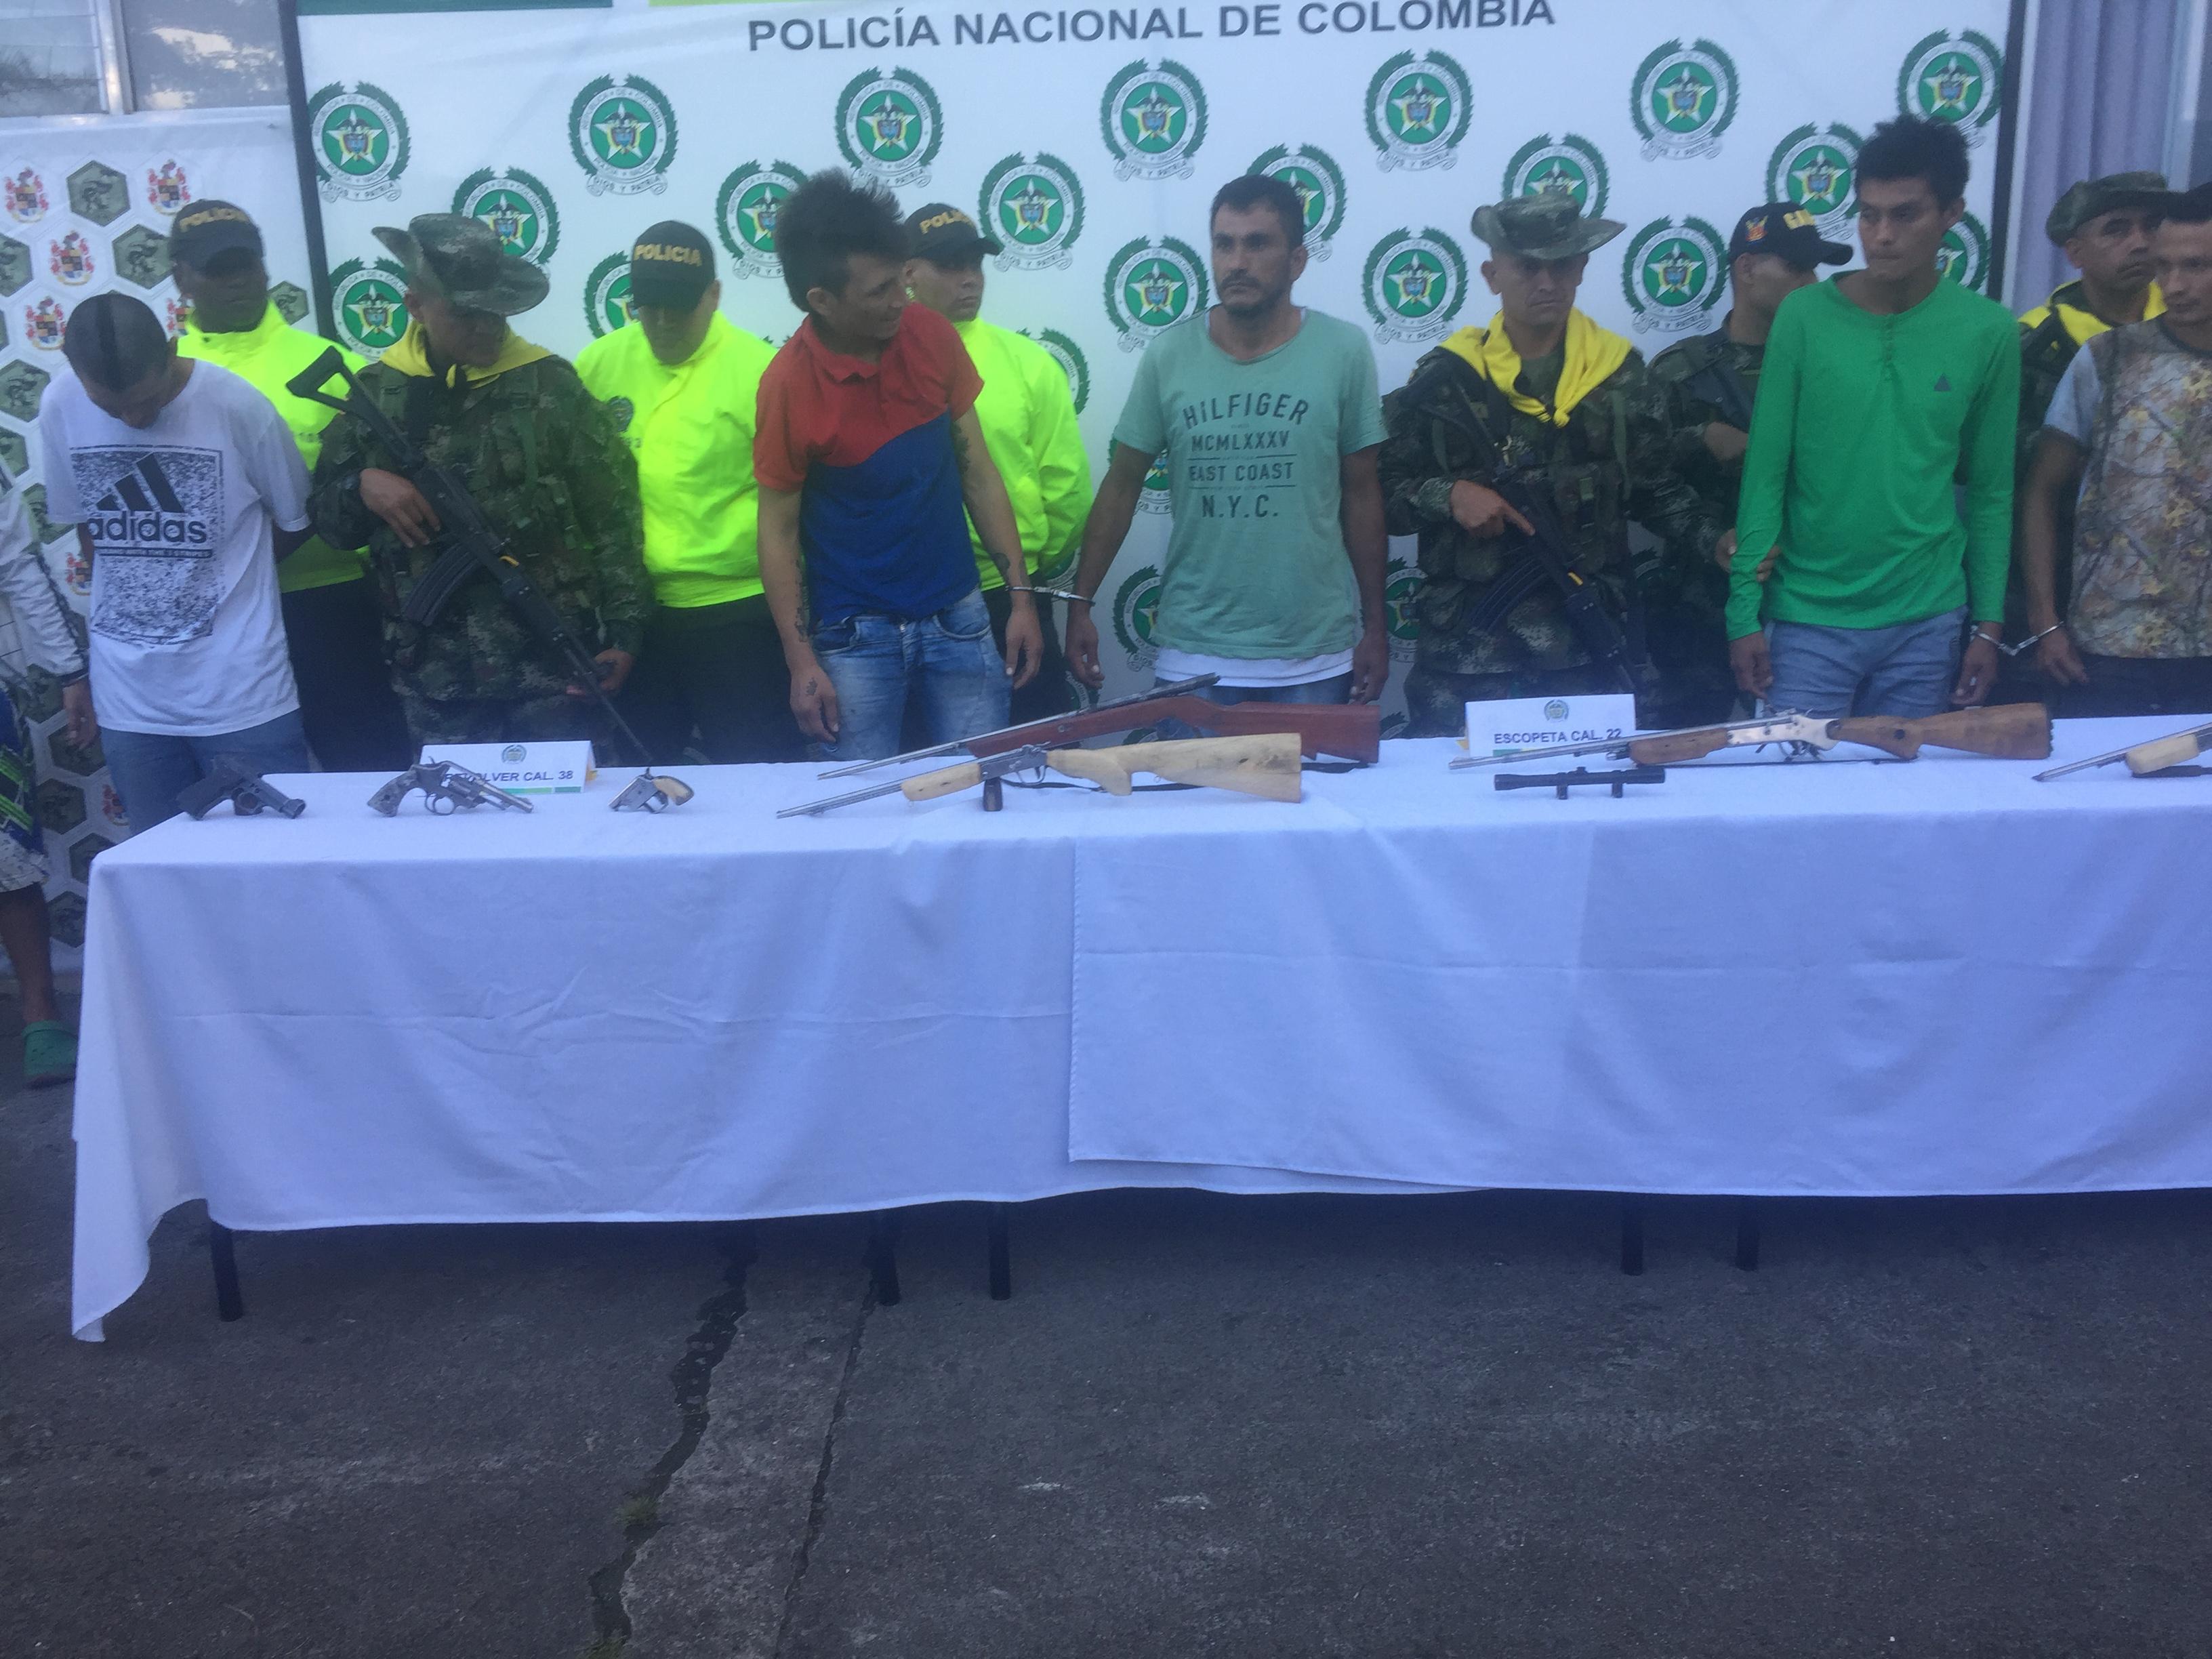 Capturan en Aguazul  una banda que vendía marihuana y elaboraba armas hechizas